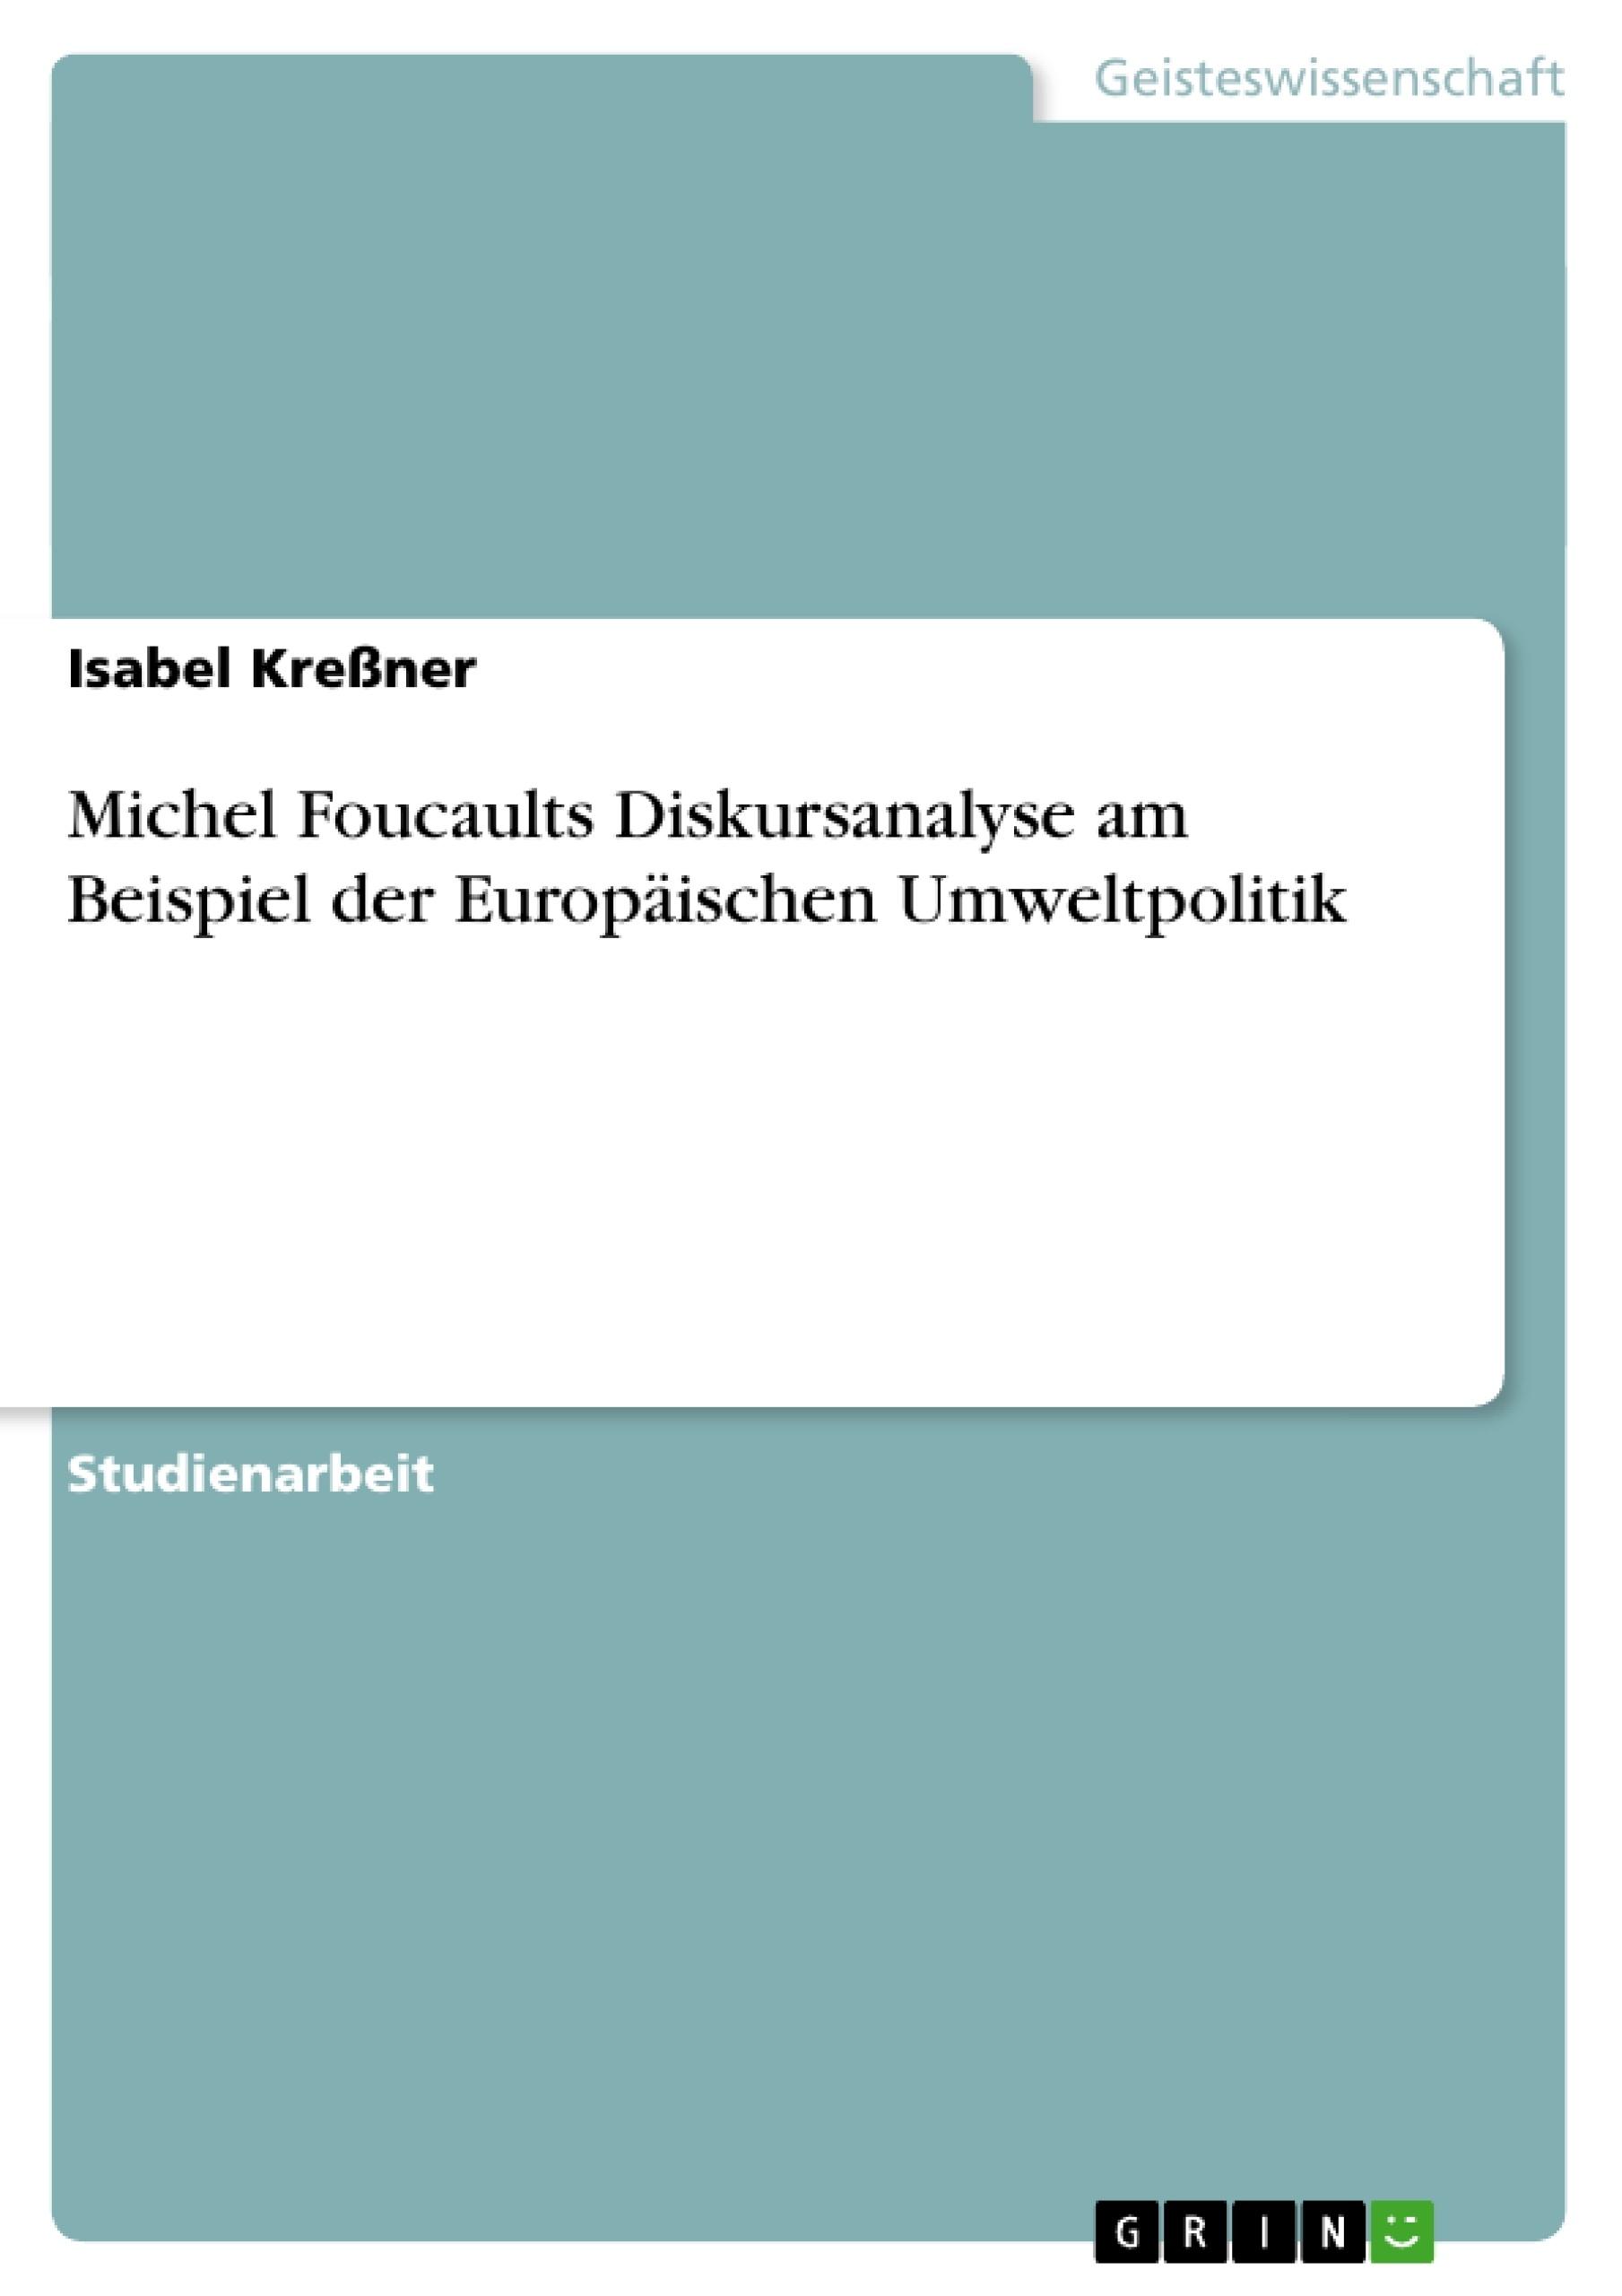 Titel: Michel Foucaults Diskursanalyse am Beispiel der Europäischen Umweltpolitik